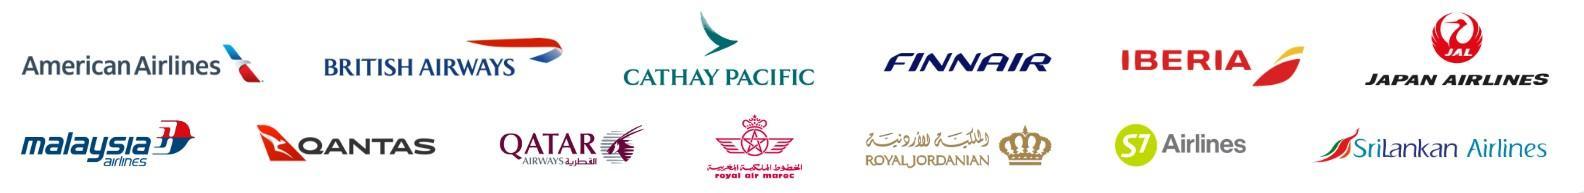 Royal Air Maroc уже вступила в oneworld, а значит стала партнером S7